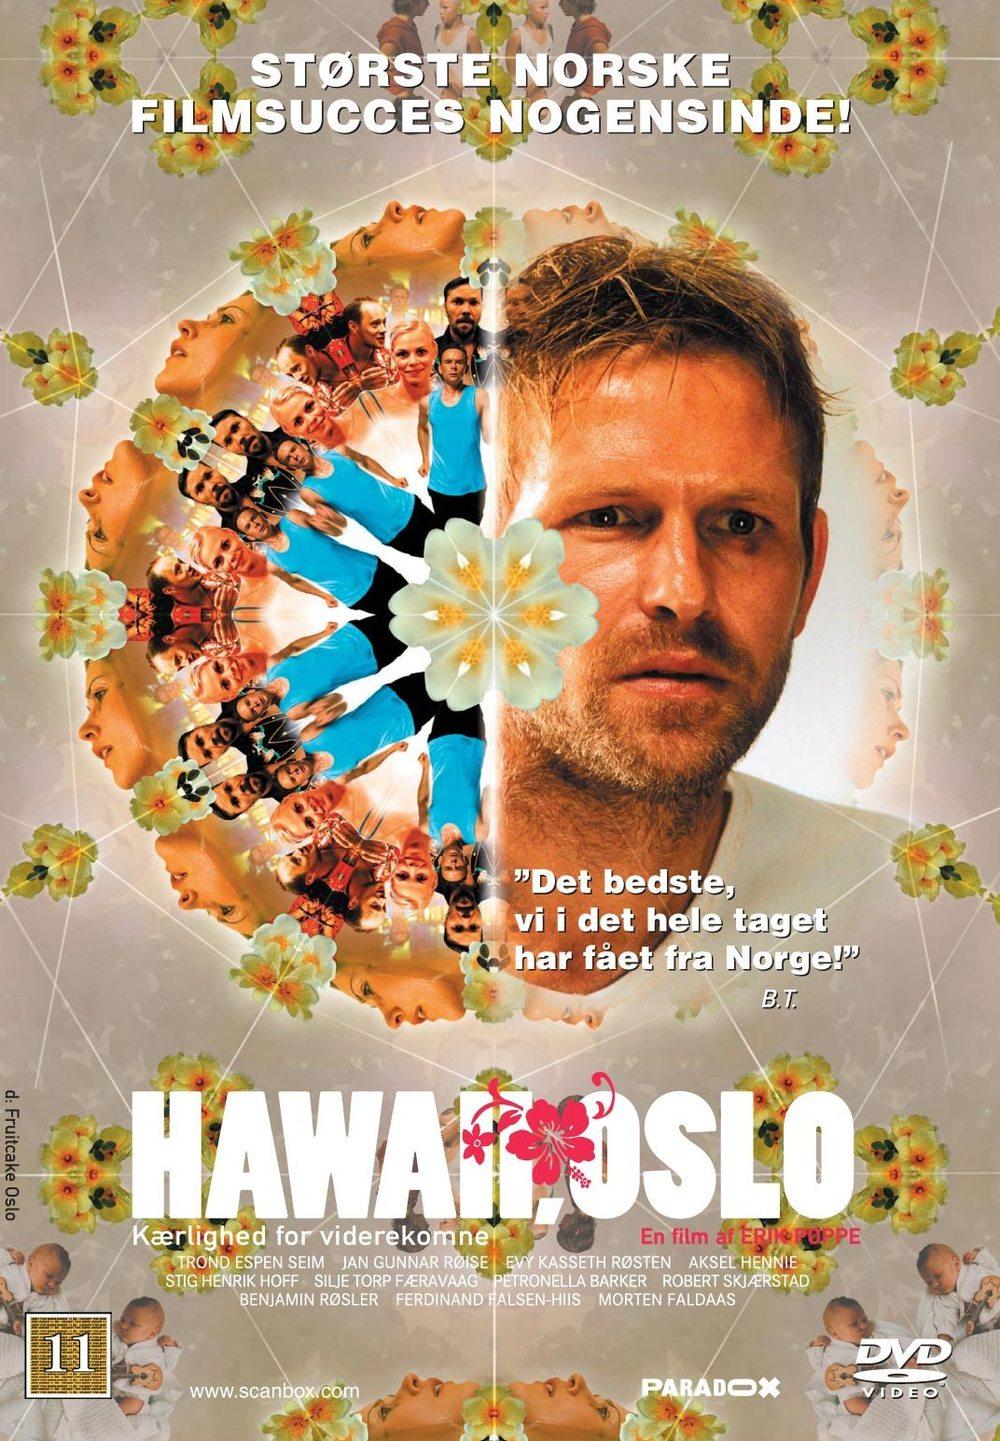 hawaii_oslo.jpg